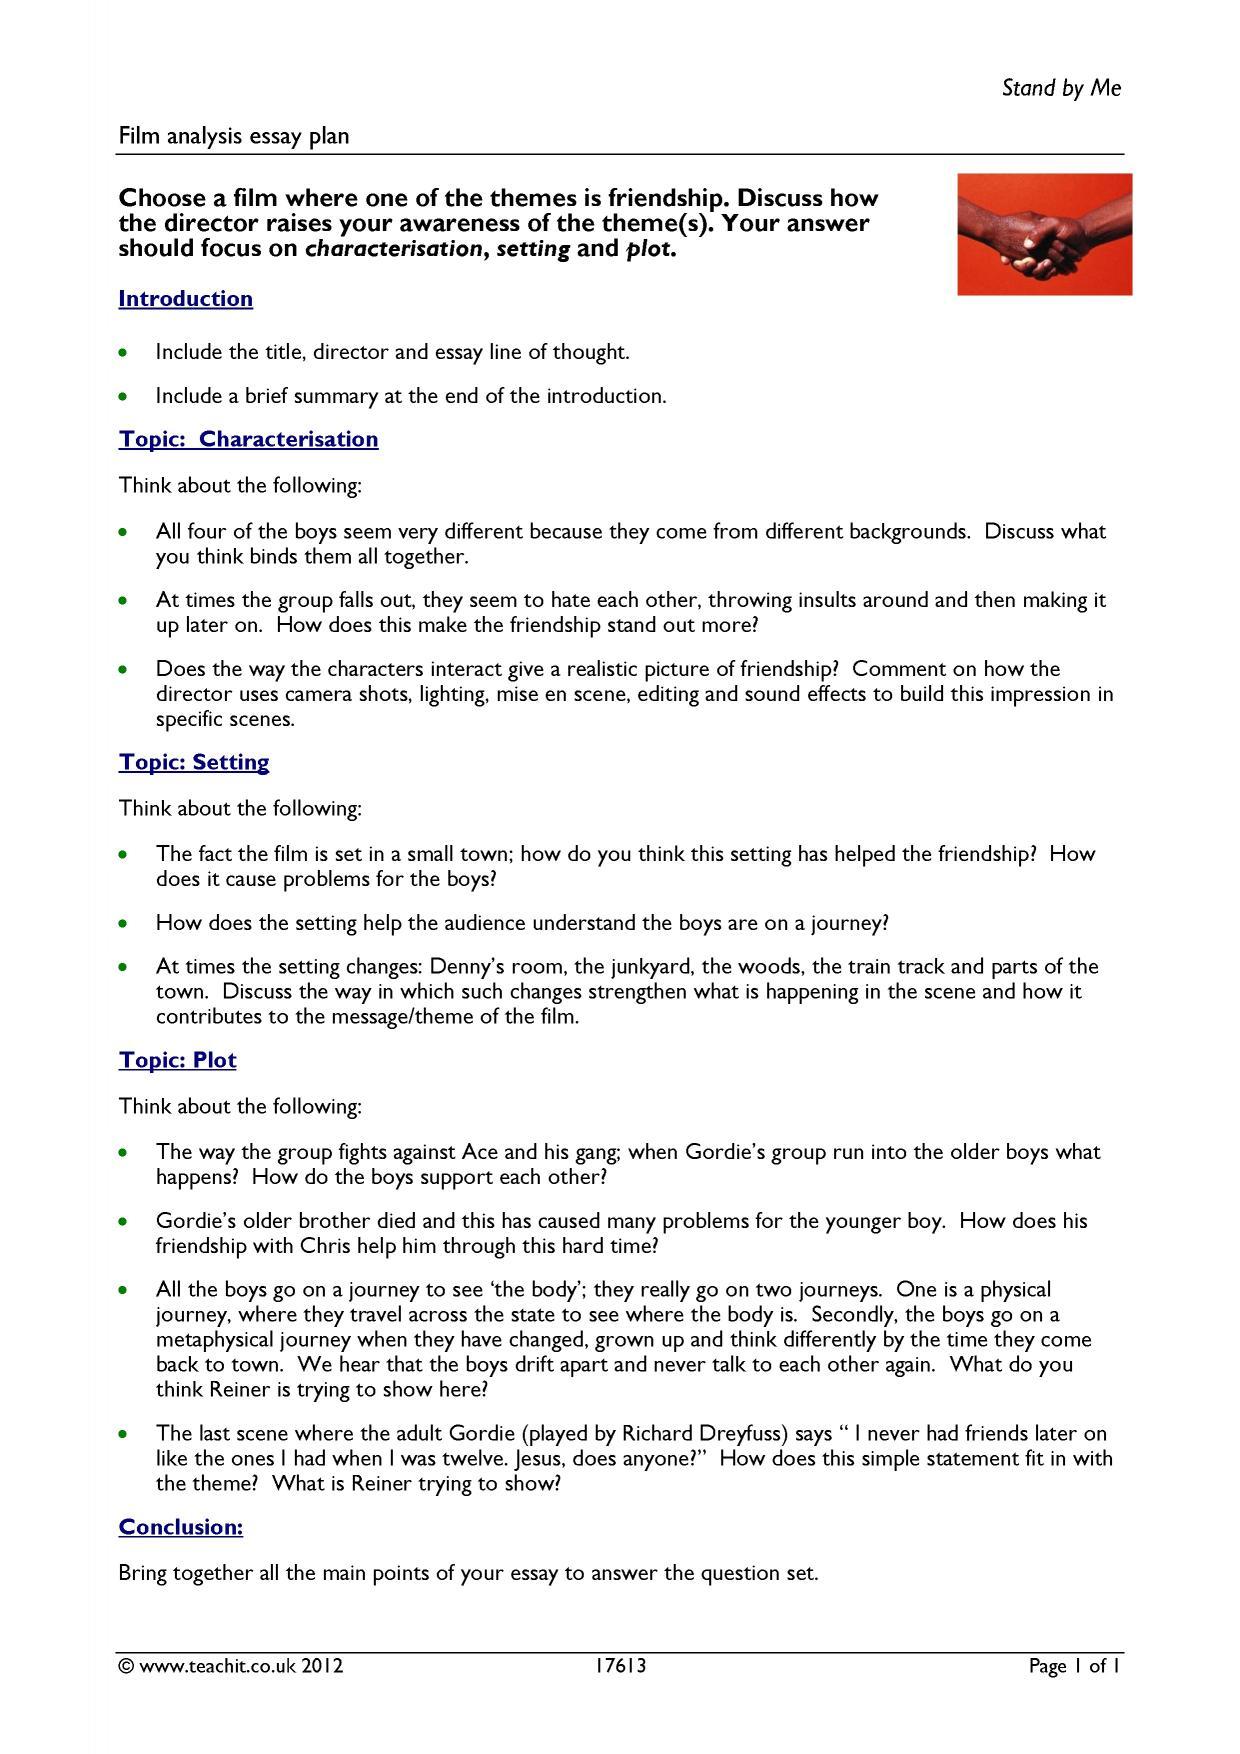 Dog definition essay